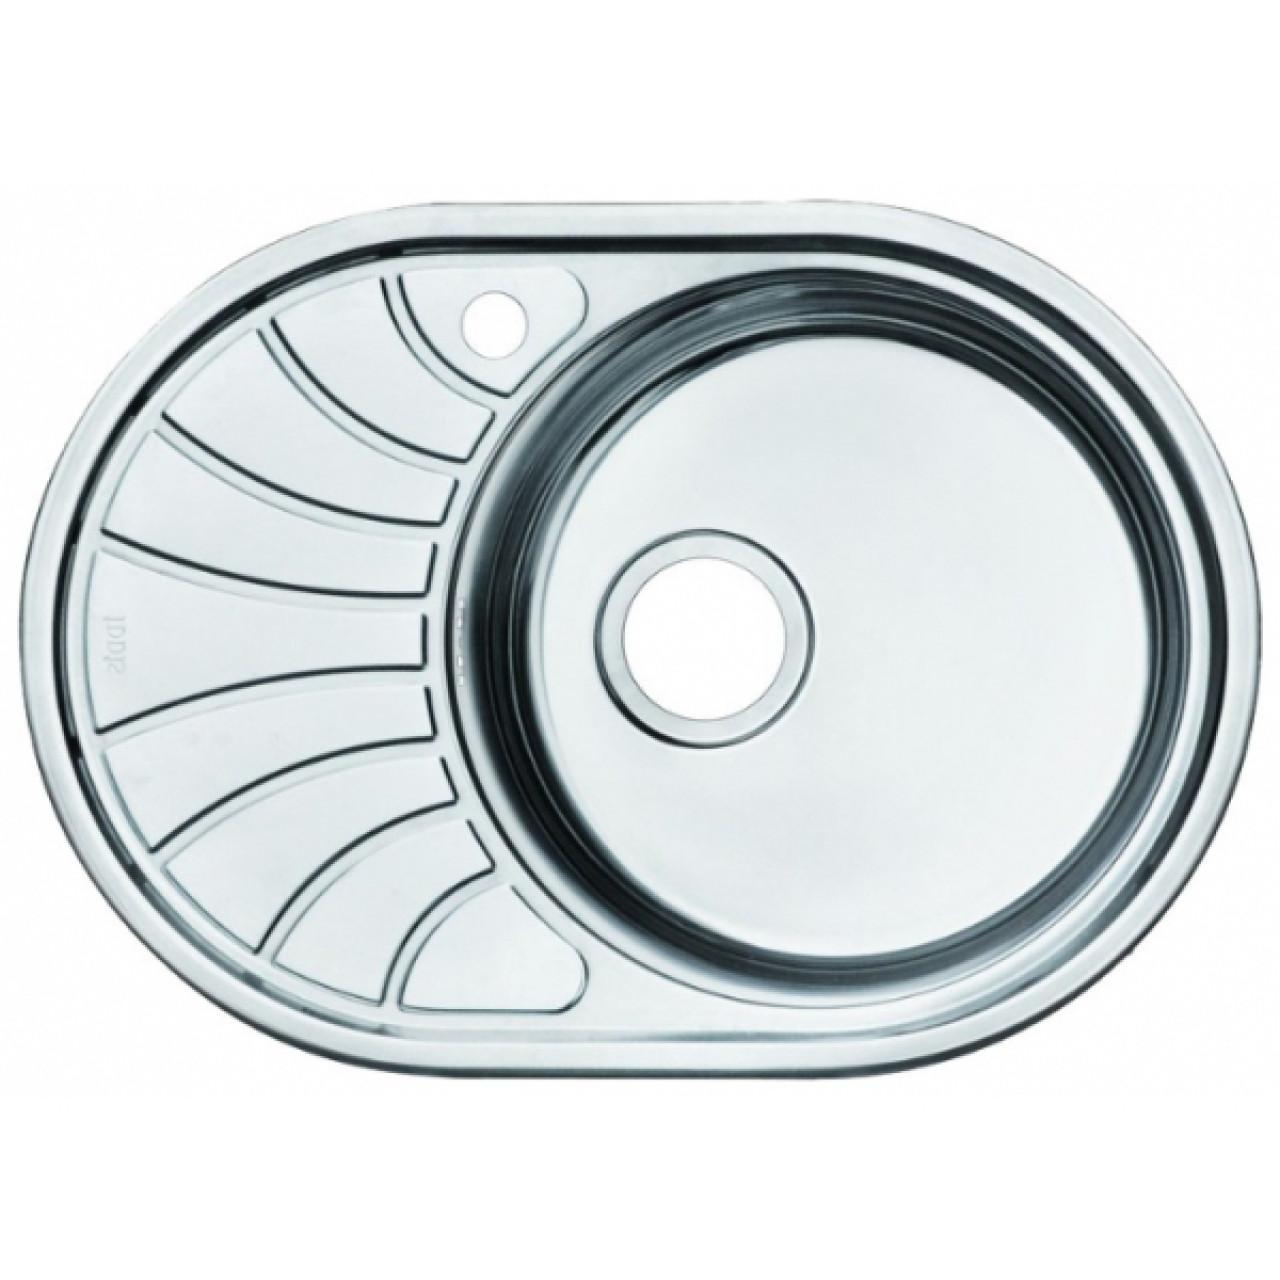 Мойка для кухни Iddis Suno 650х460 купить в Москве по цене от 3830р. в интернет-магазине mebel-v-vannu.ru